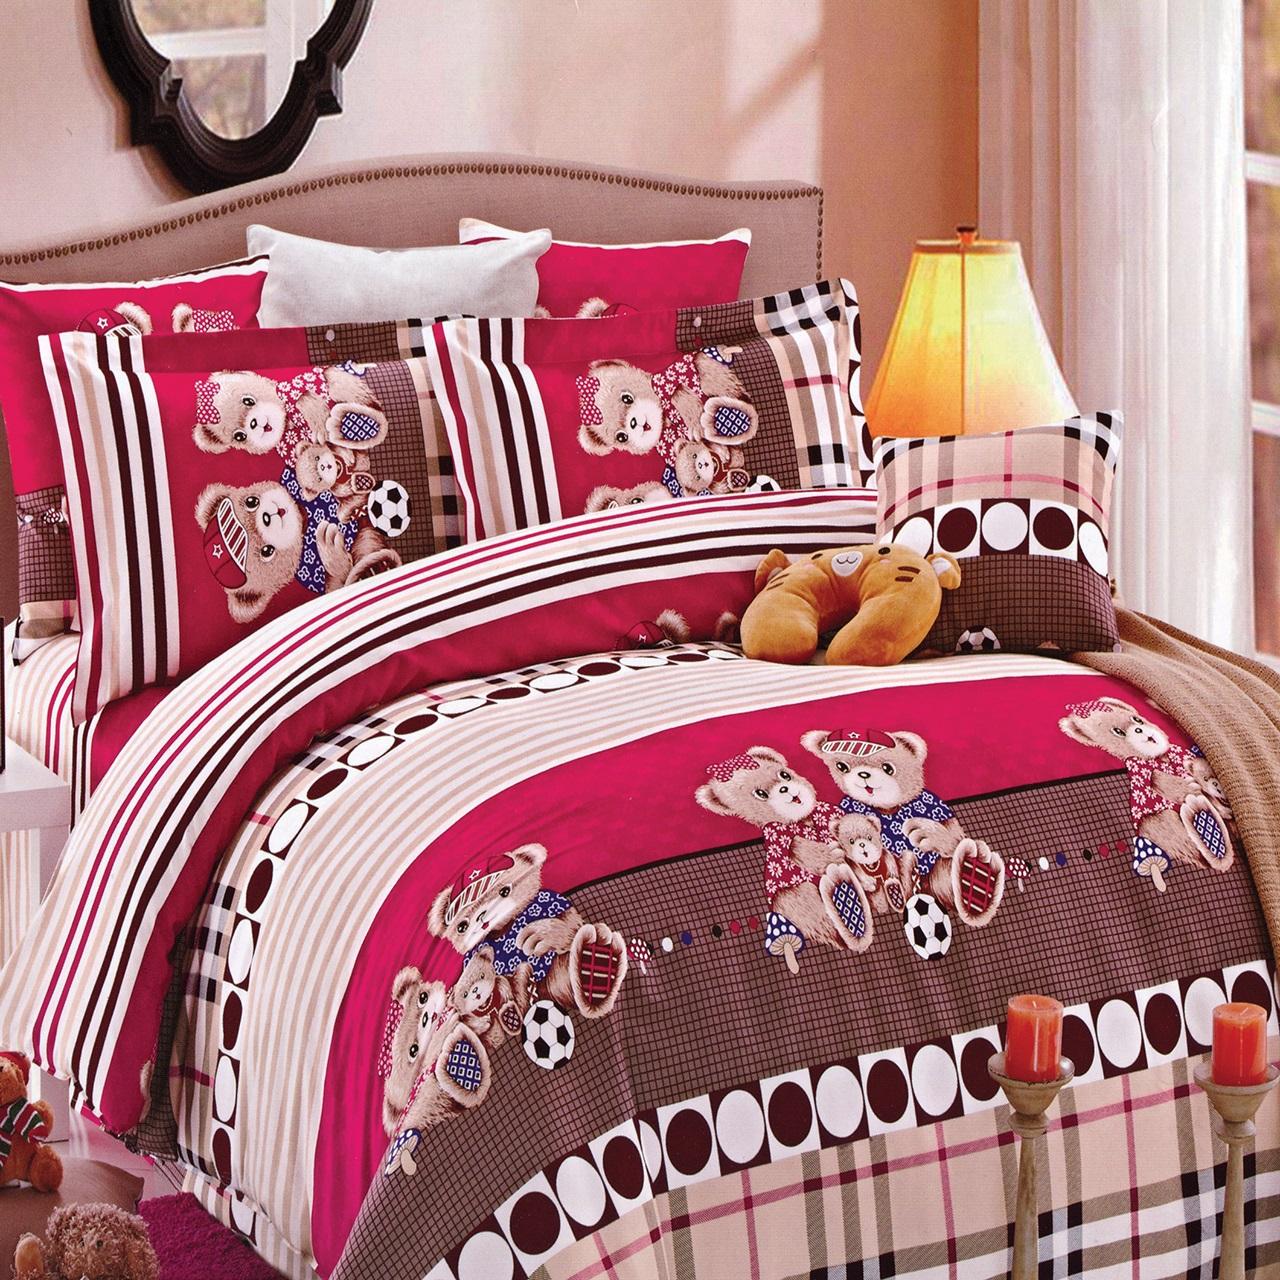 سرویس خواب کارینا کد 00413 مدل Tedd Pink یک نفره چهار تکه